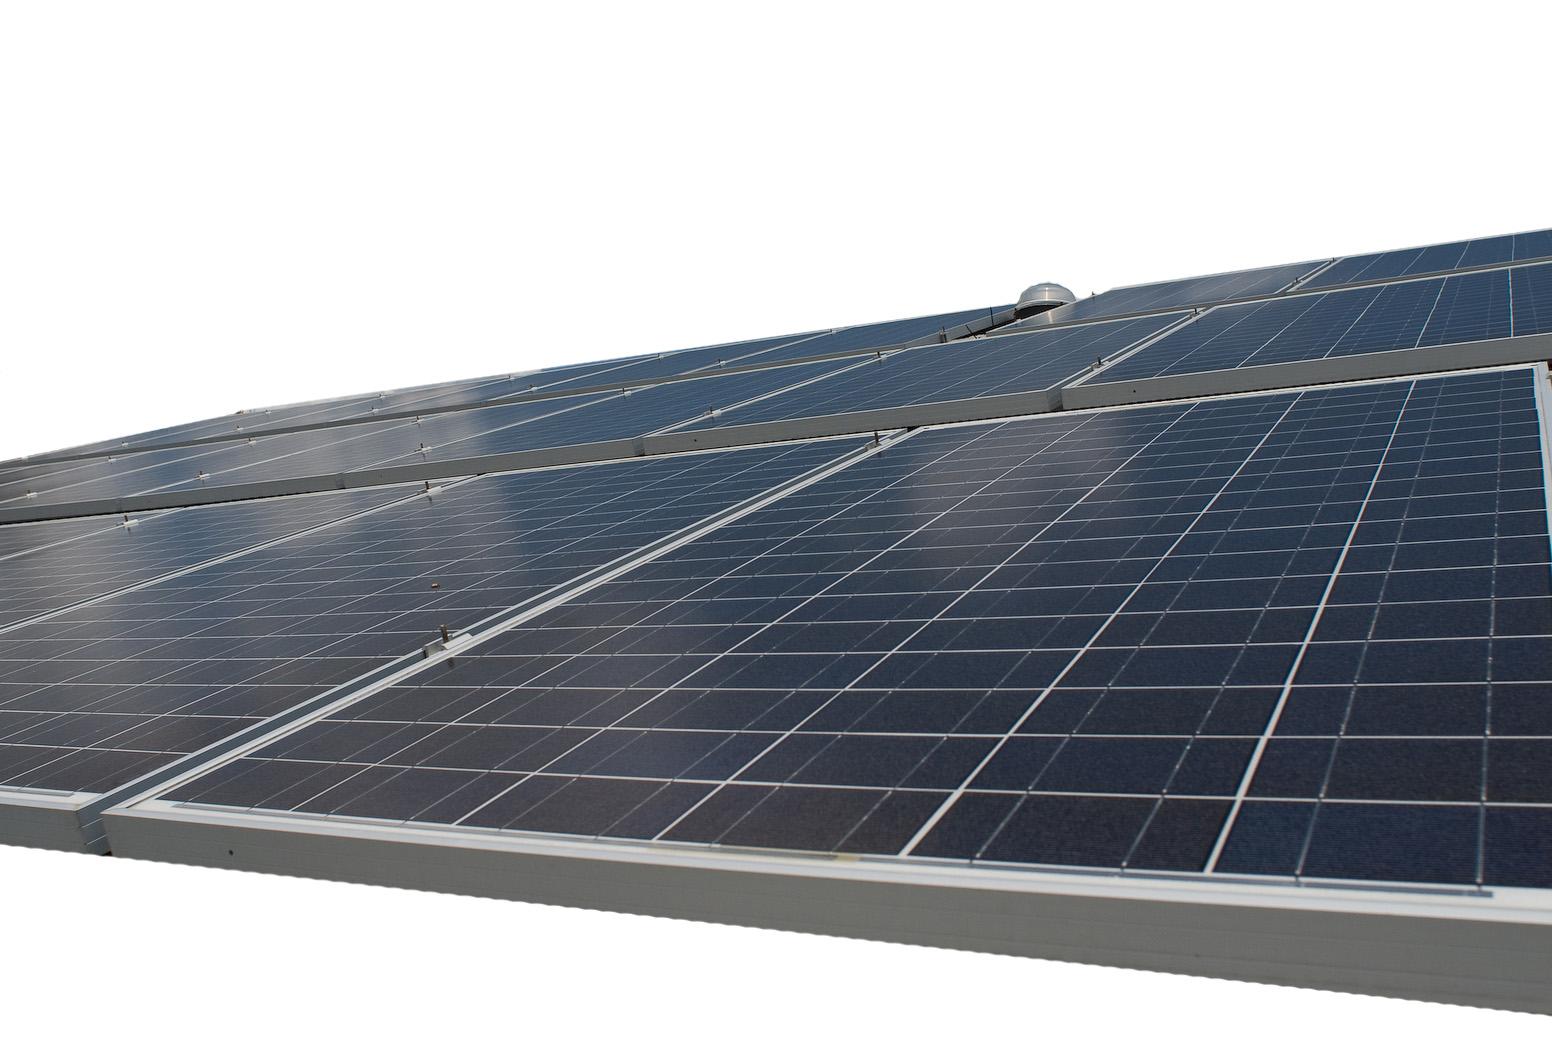 Solar Energy Systems / Alternative Energy